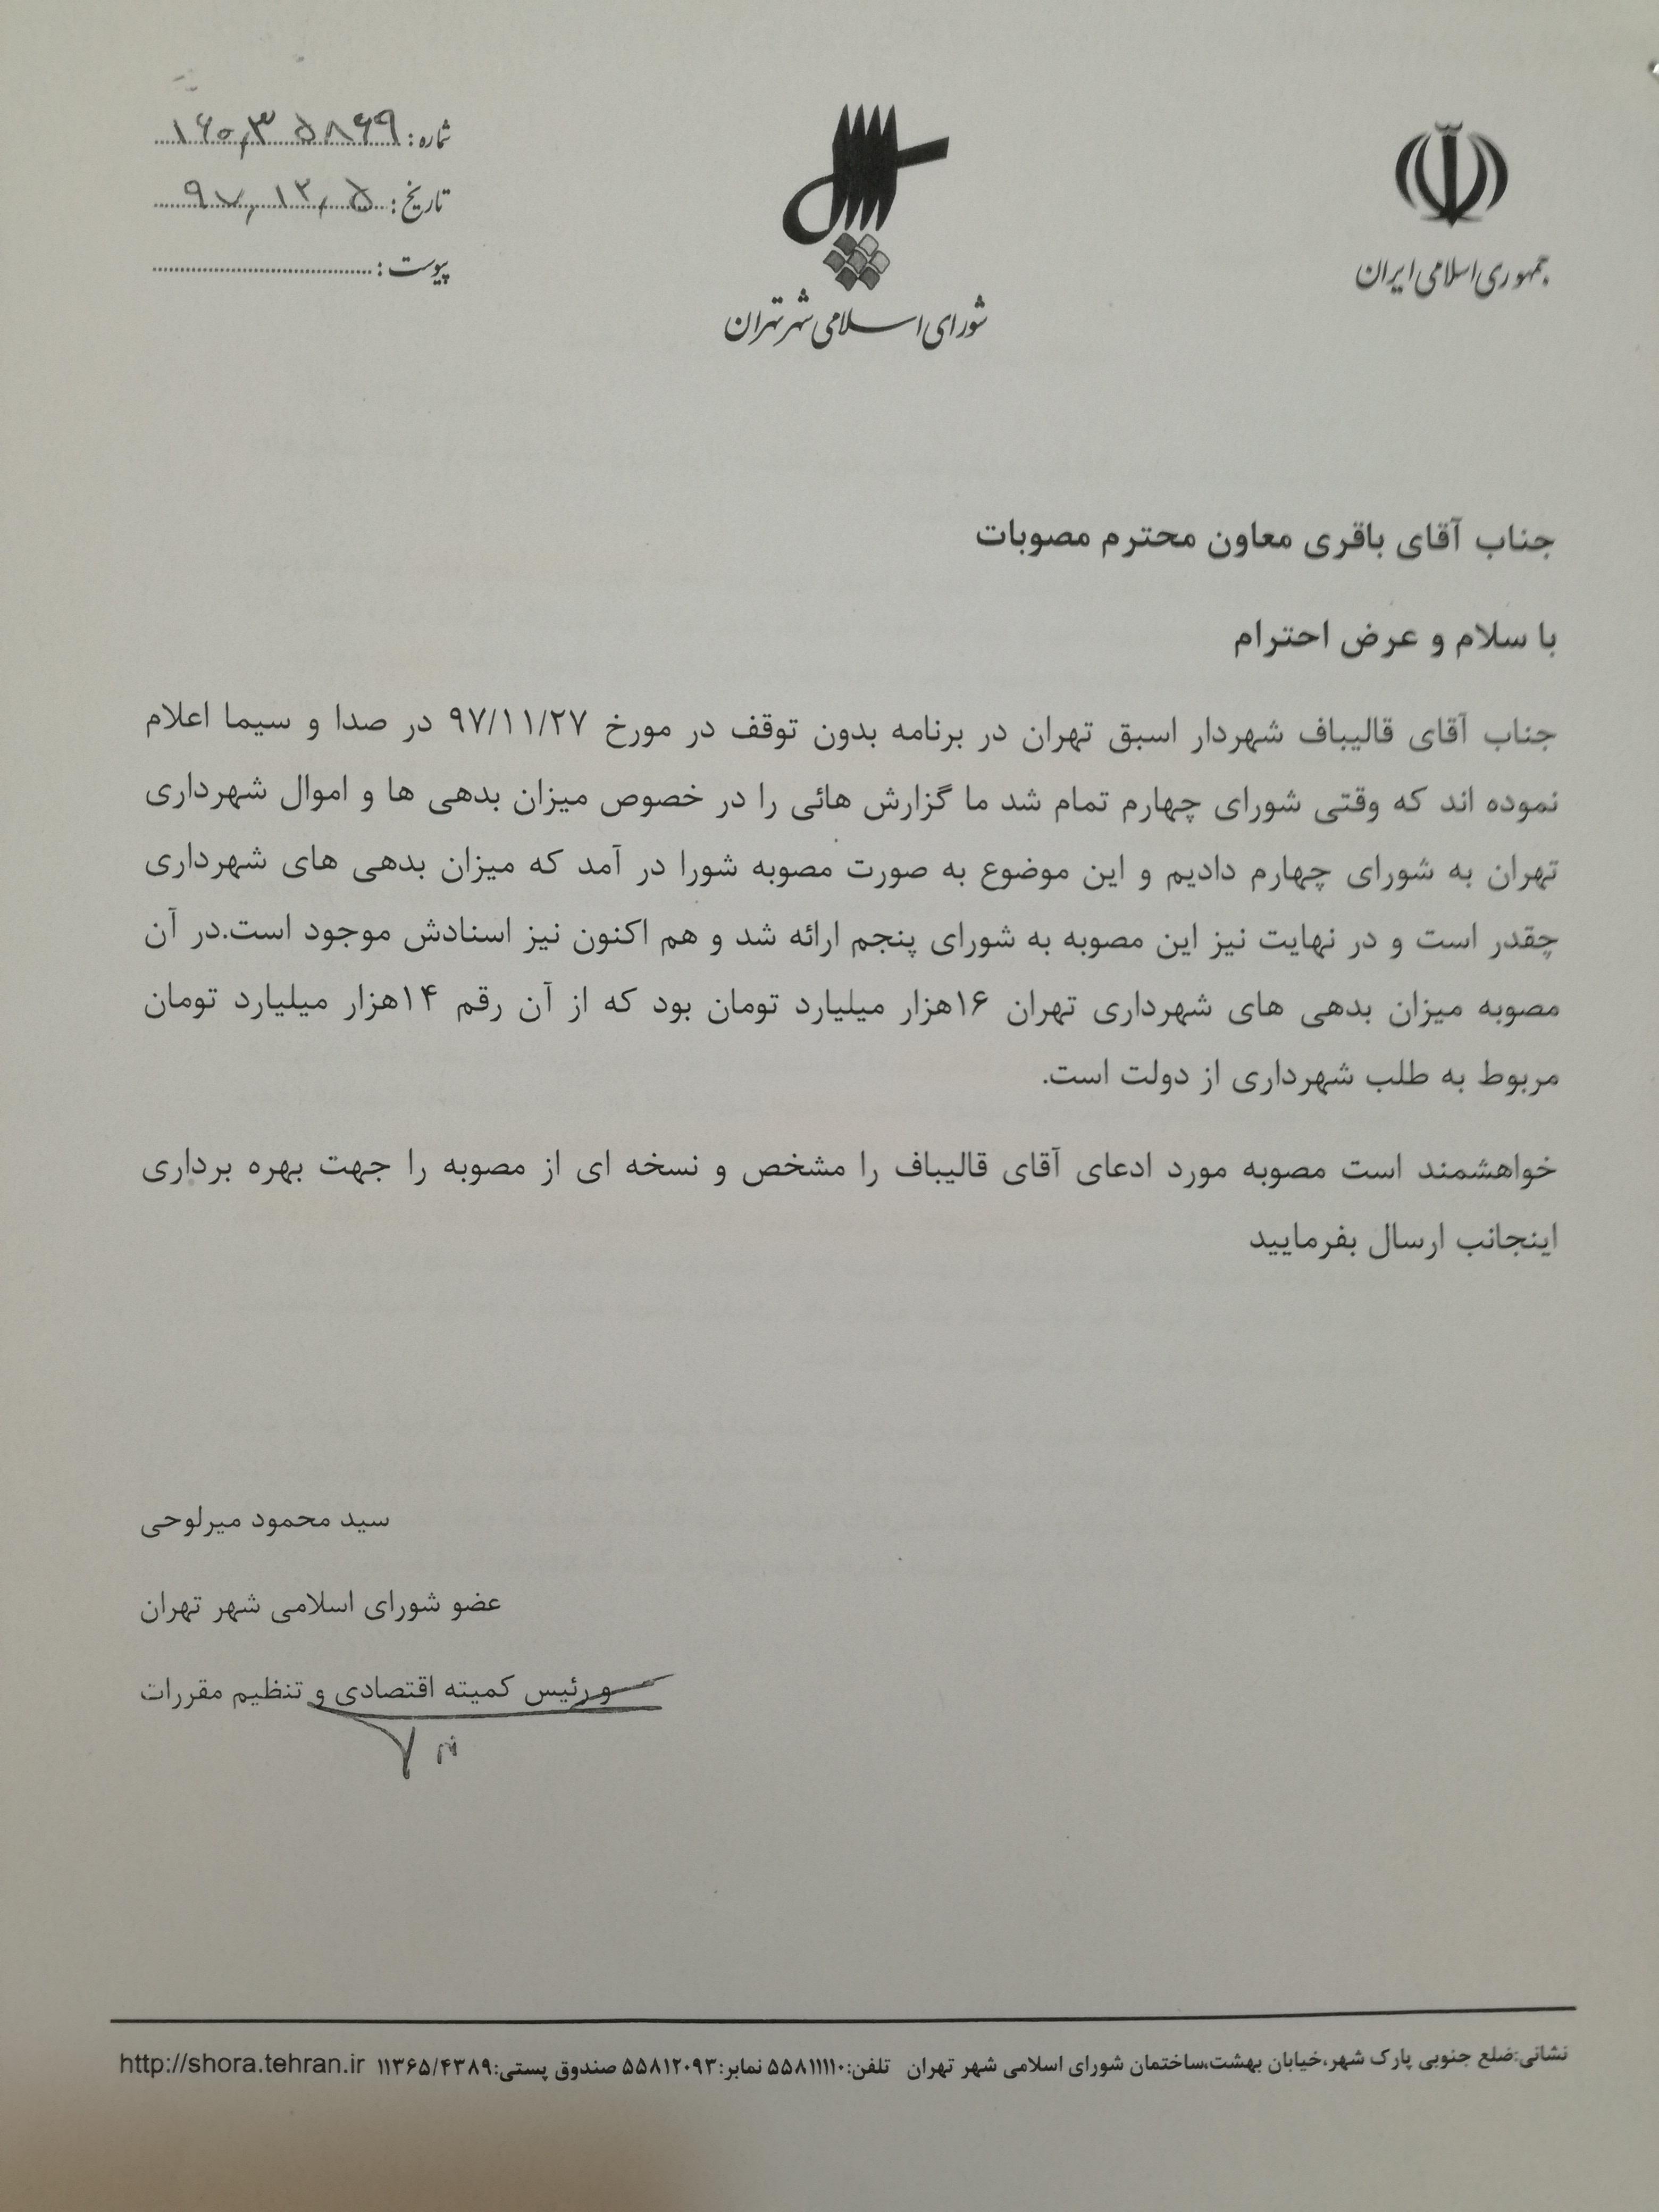 ماجرای اختلاف قالیباف و میرلوحی بر سر میزان بدهی شهرداری +اسناد